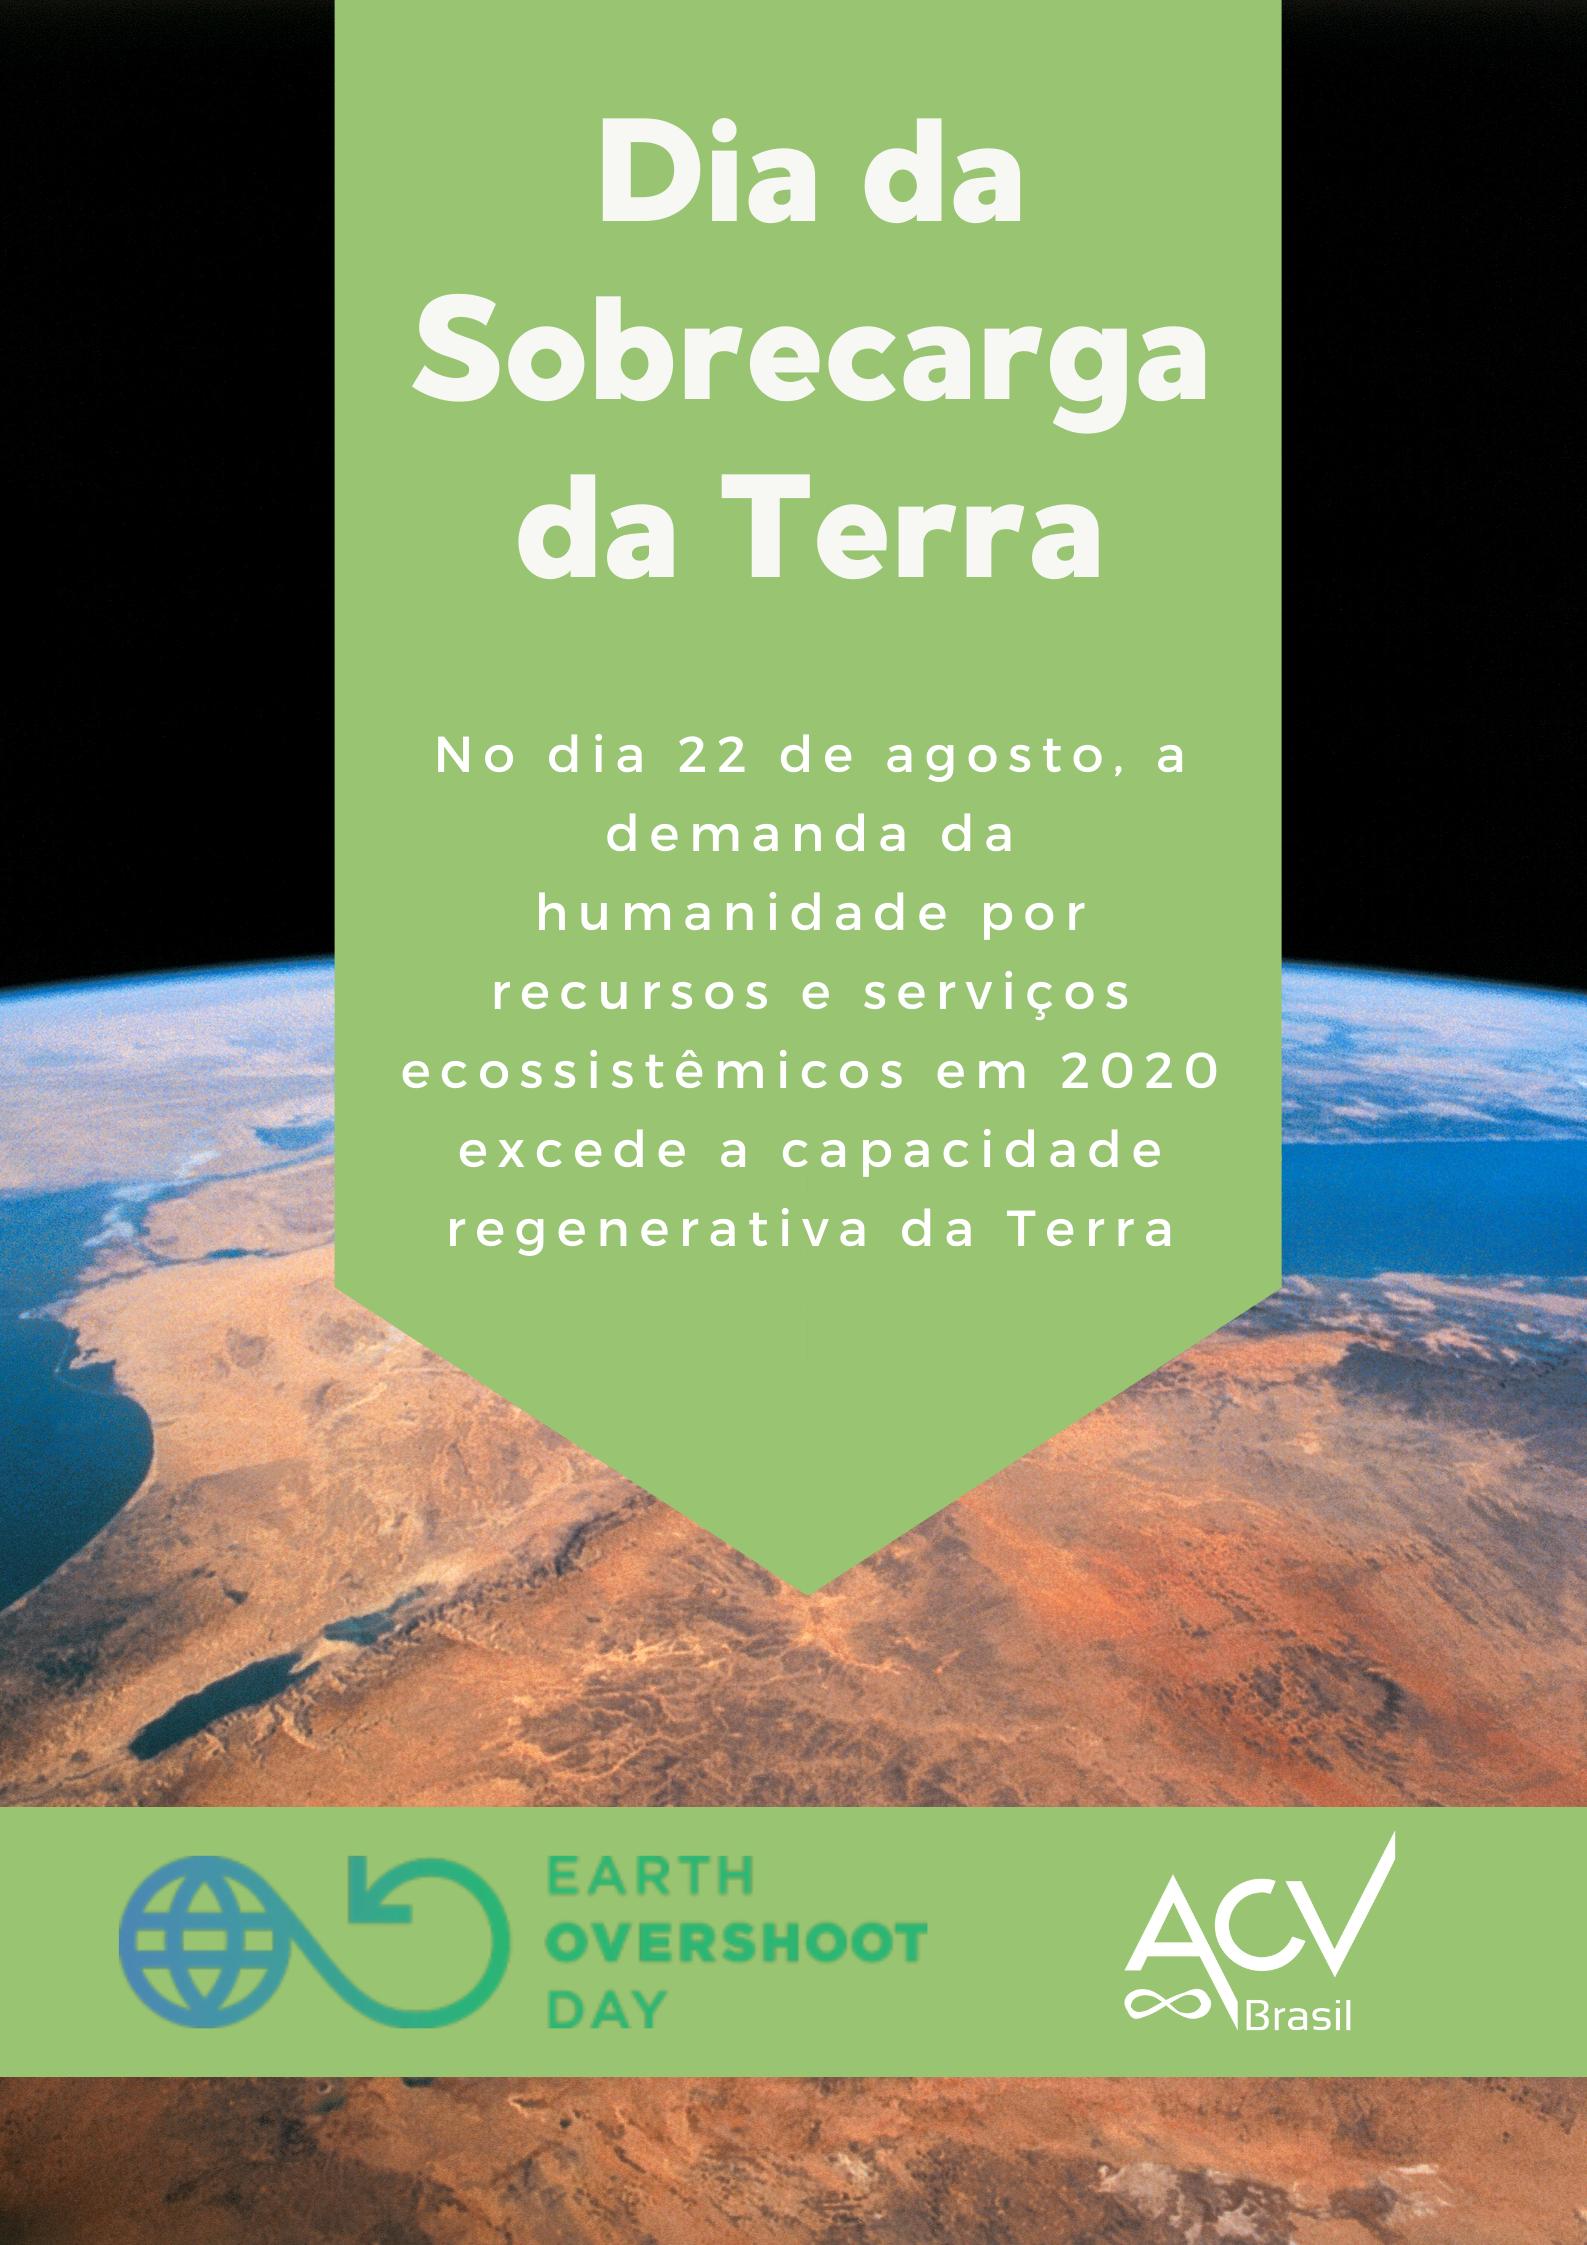 Dia da Sobrecarga da Terra em 2020